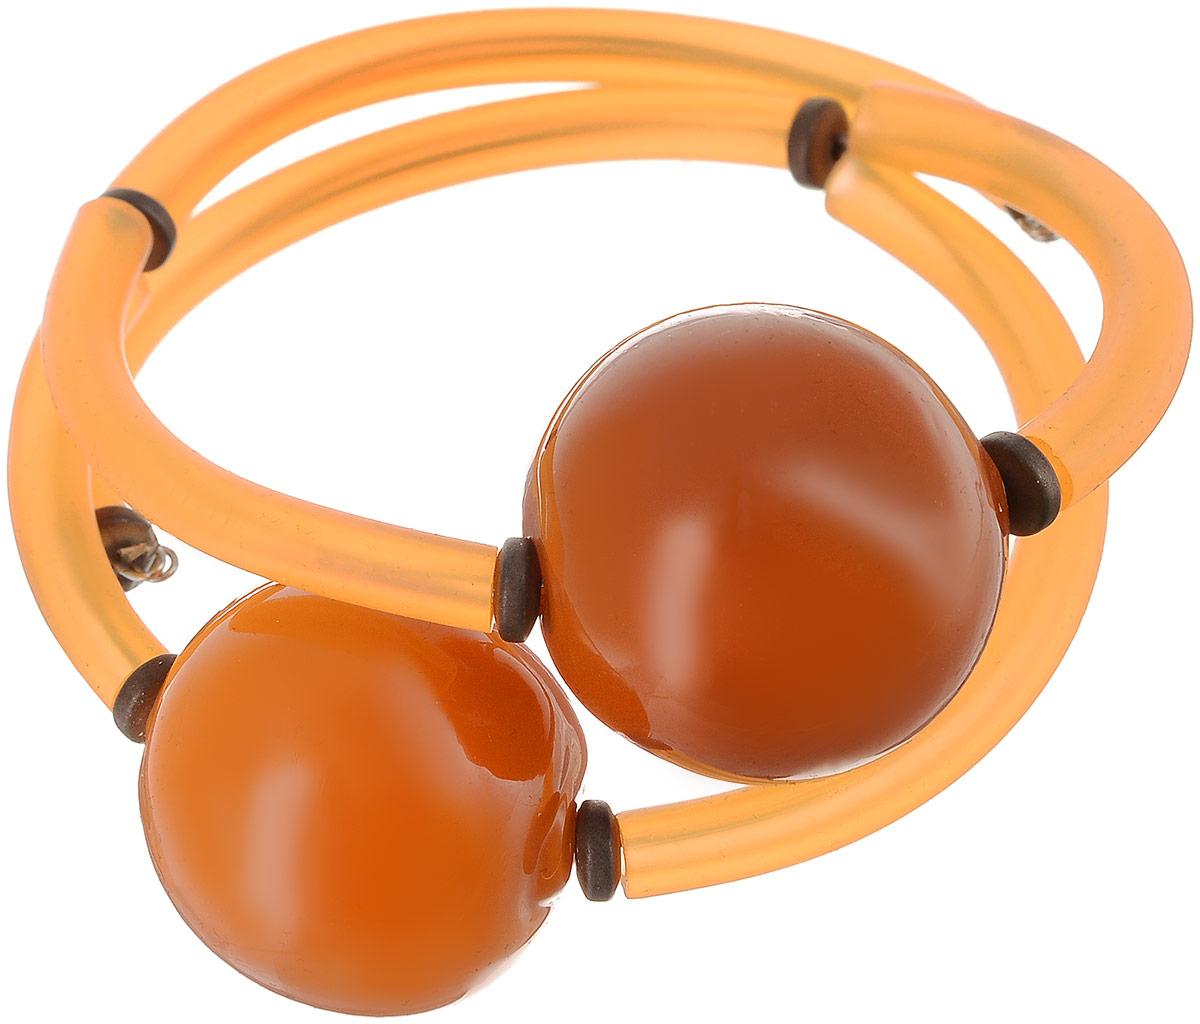 Браслет Абрикос. Муранское стекло, каучук оранжевого цвета, ручная работа. Murano, Италия (Венеция)39864|Серьги с подвескамиБраслет Абрикос.Муранское стекло, каучук оранжевого цвета, ручная работа.Murano, Италия (Венеция).Размер: диаметр 6 см, браслет эластичный подойдет на любой размер.Каждое изделие из муранского стекла уникально и может незначительно отличаться от того, что вы видите на фотографии.